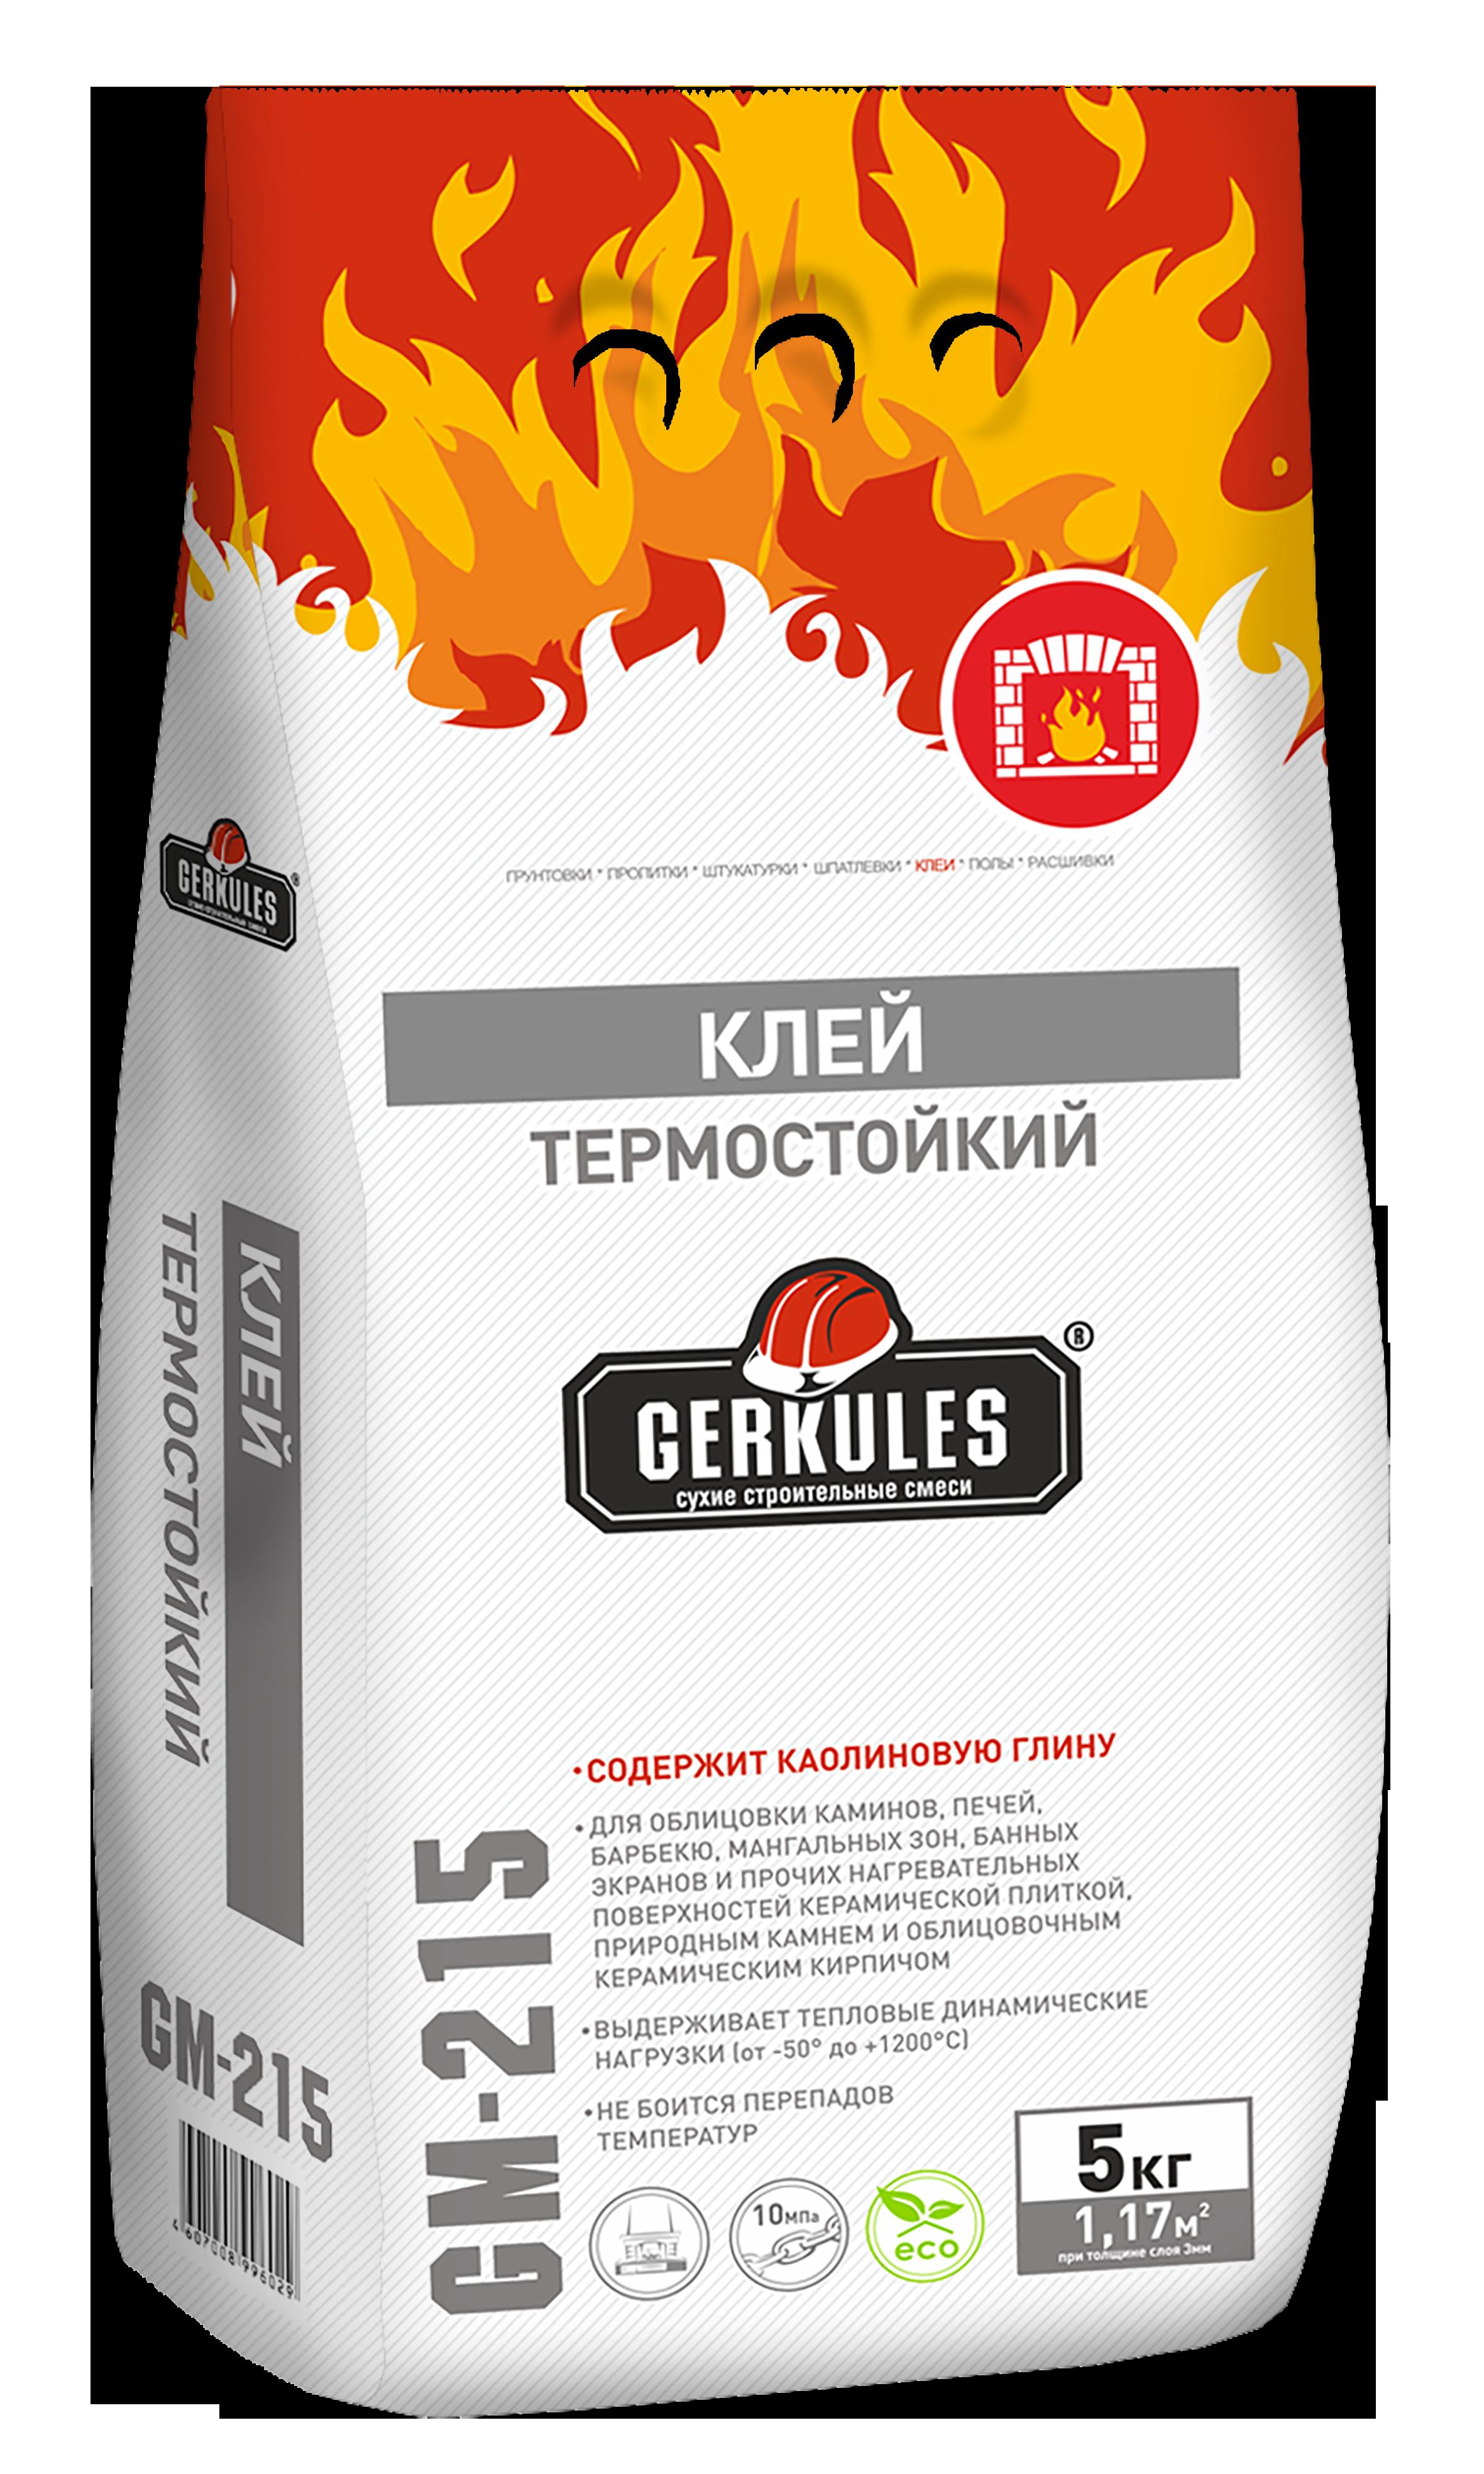 Какими бывают термостойкие материалы для печей и каминов